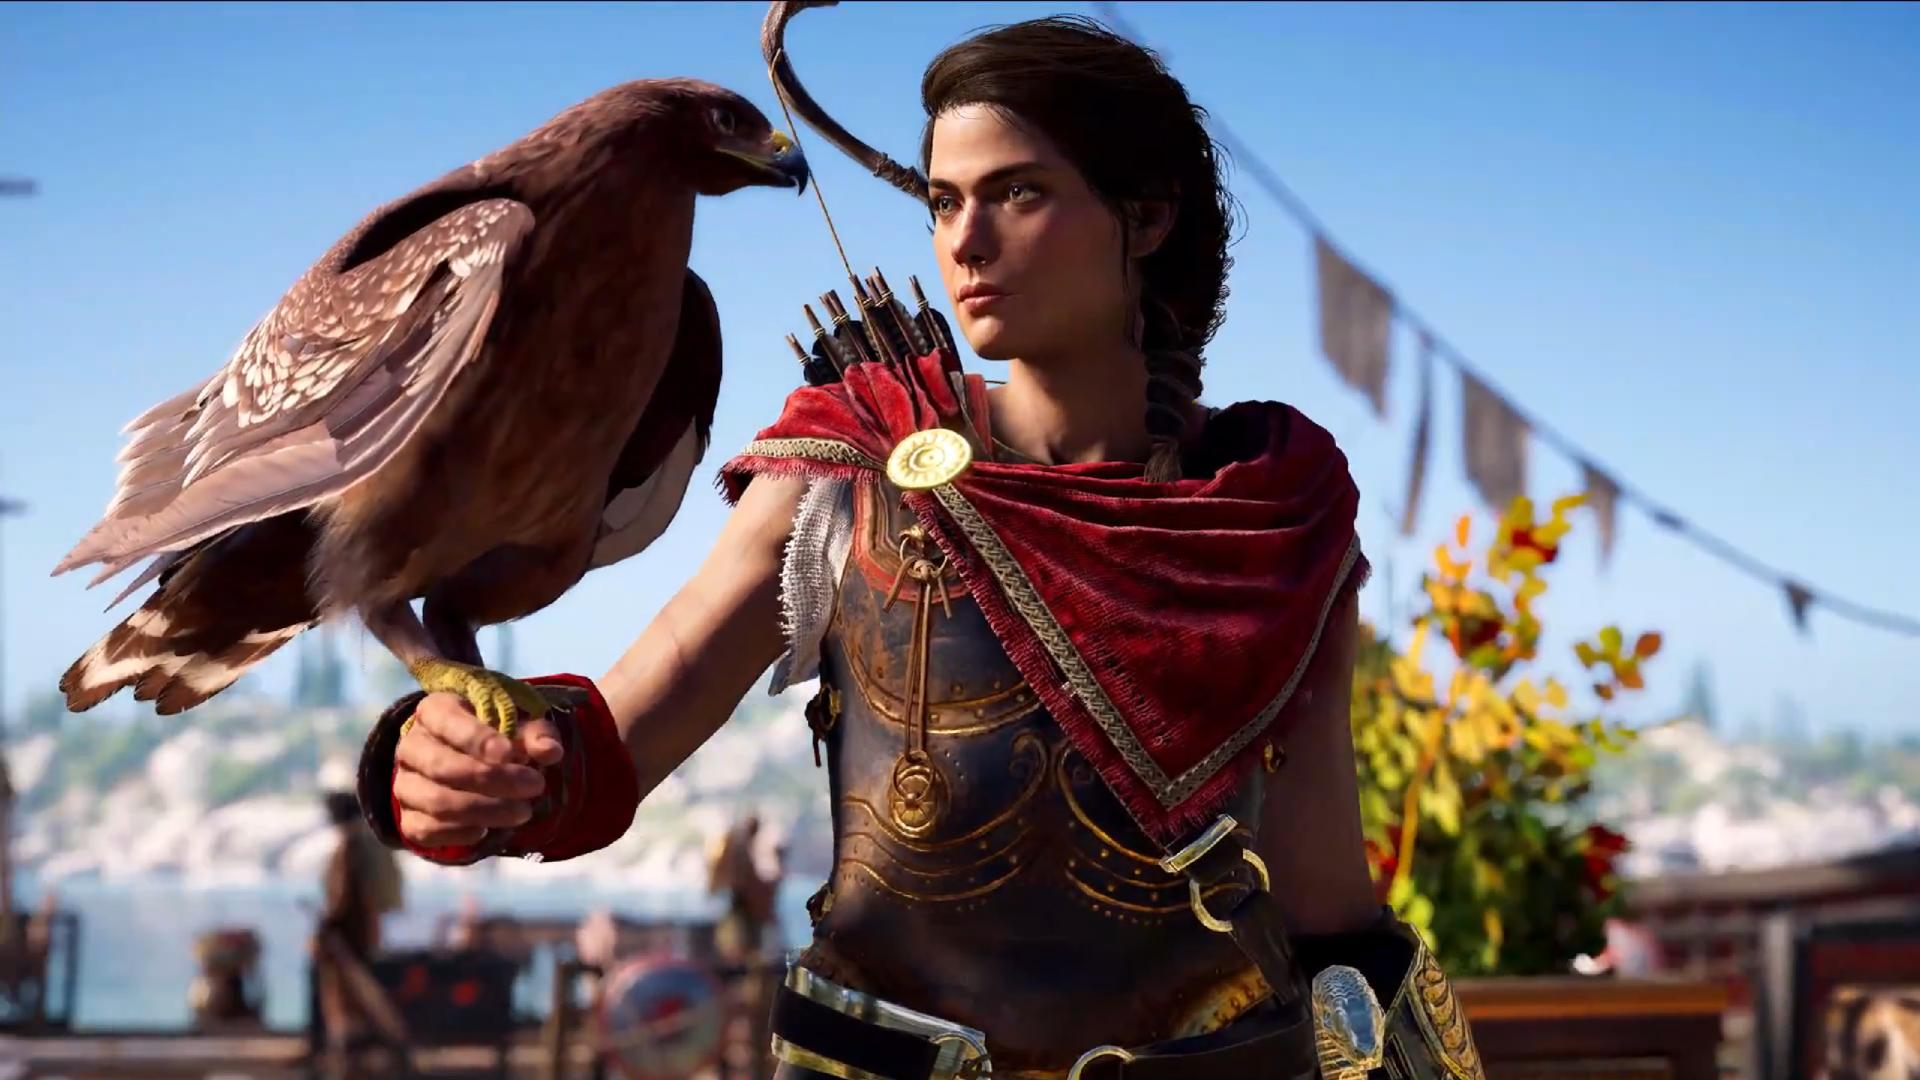 Kassandra, la heroína griega, tiene su rol confirmado en Assassin's Creed Odyssey